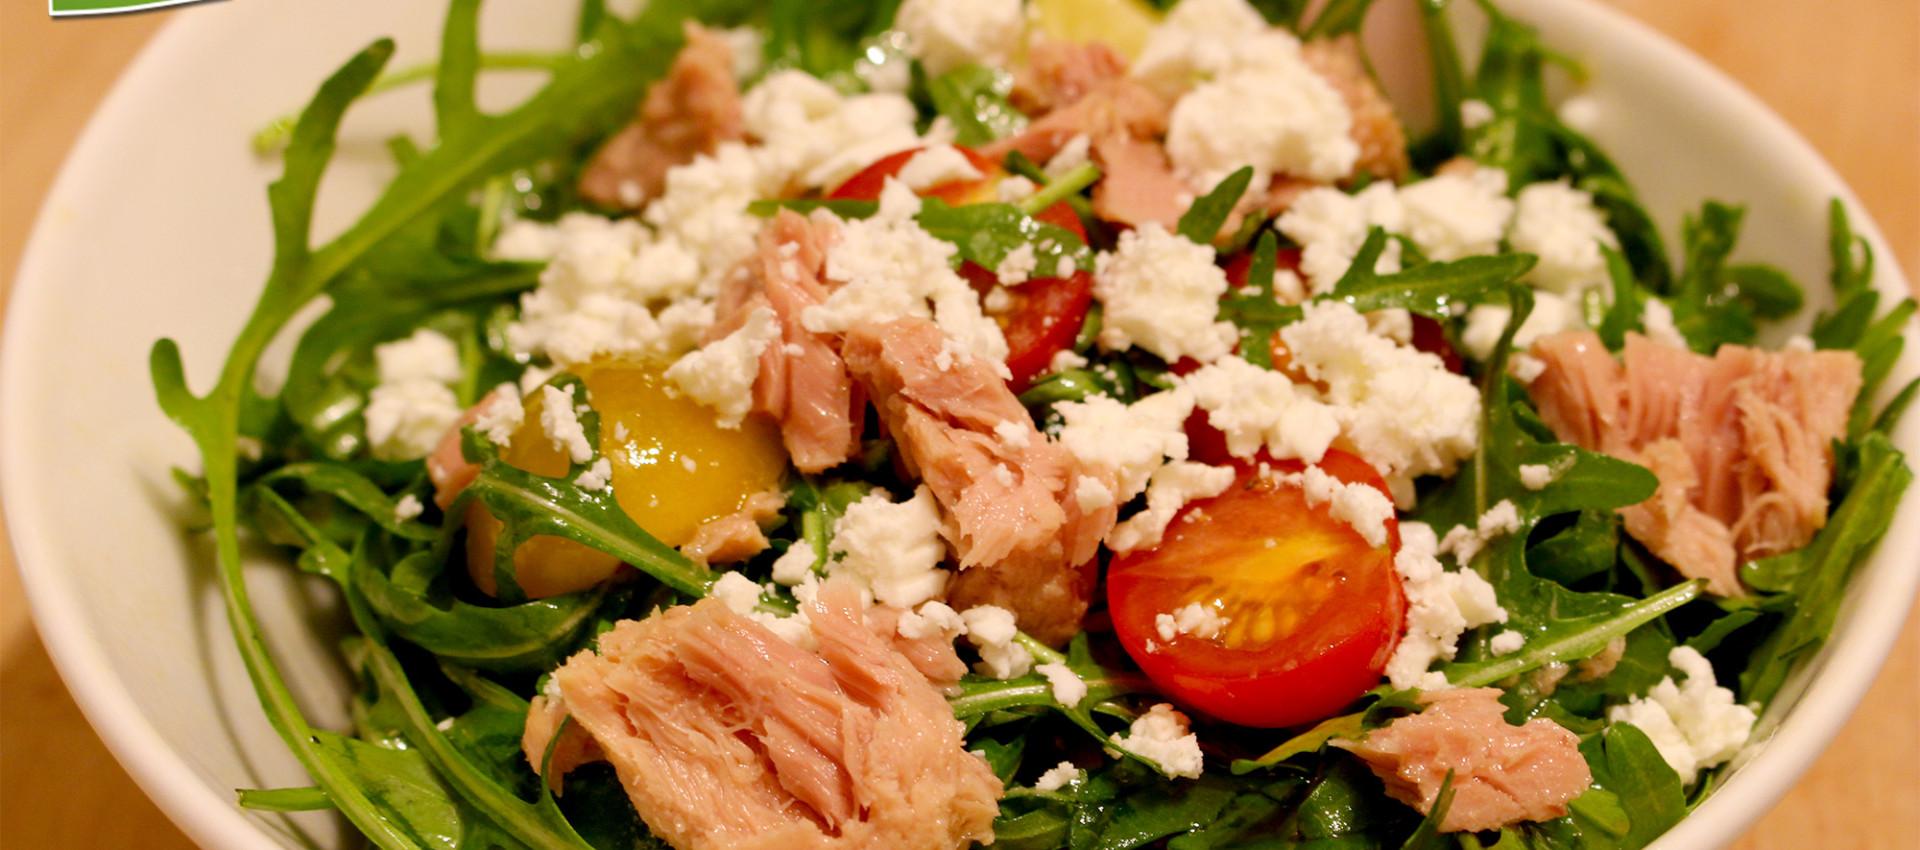 Rezept Rucola Salat mit Thunfisch & Schafskäse - Kochbock.de